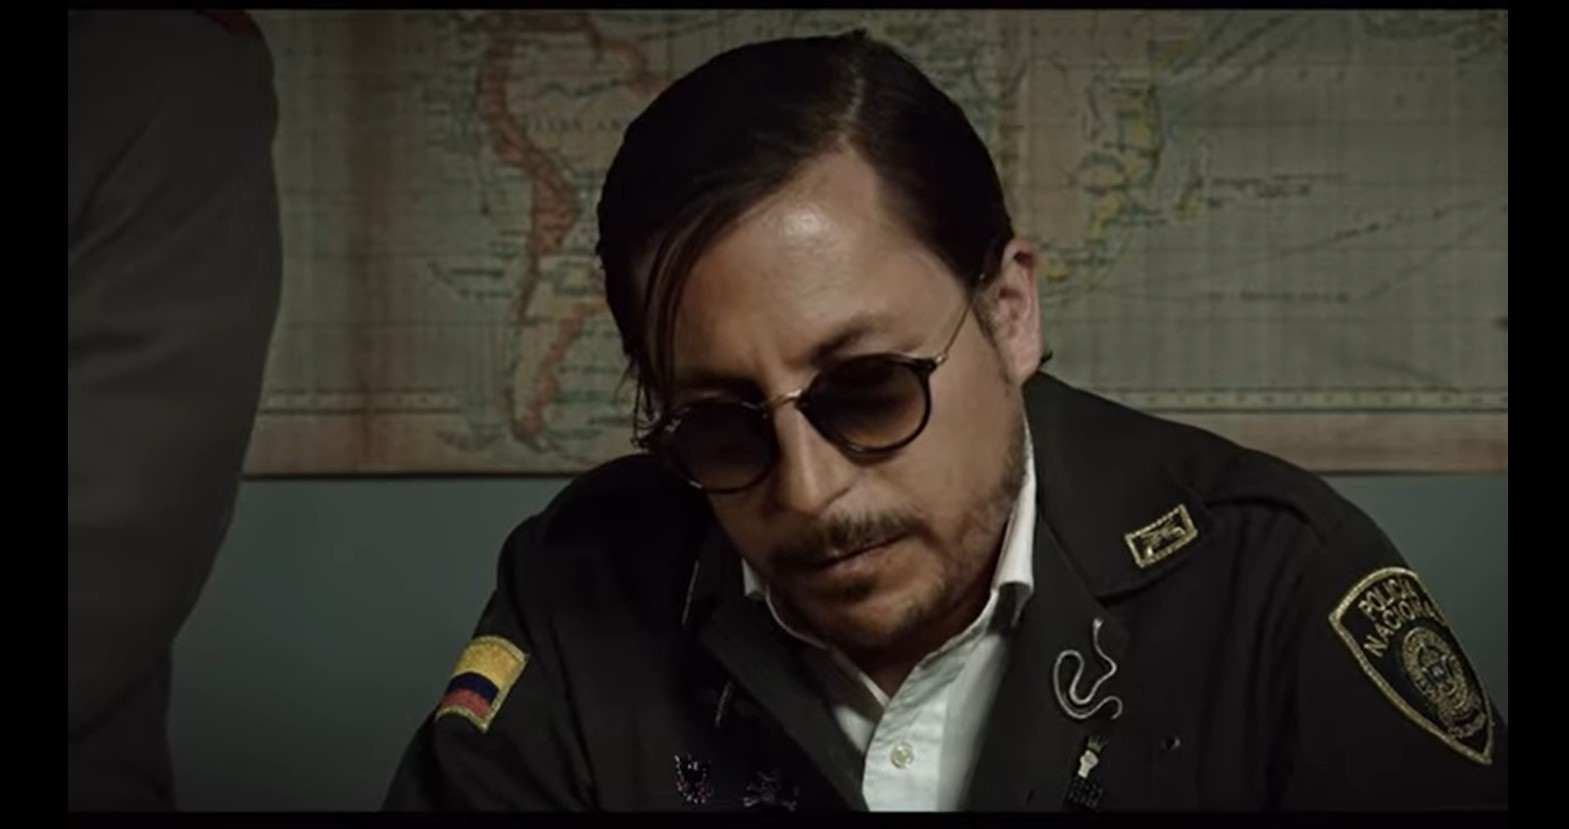 ¿A quiénes alude Alejandro Riaño directa o tácitamente en el video?